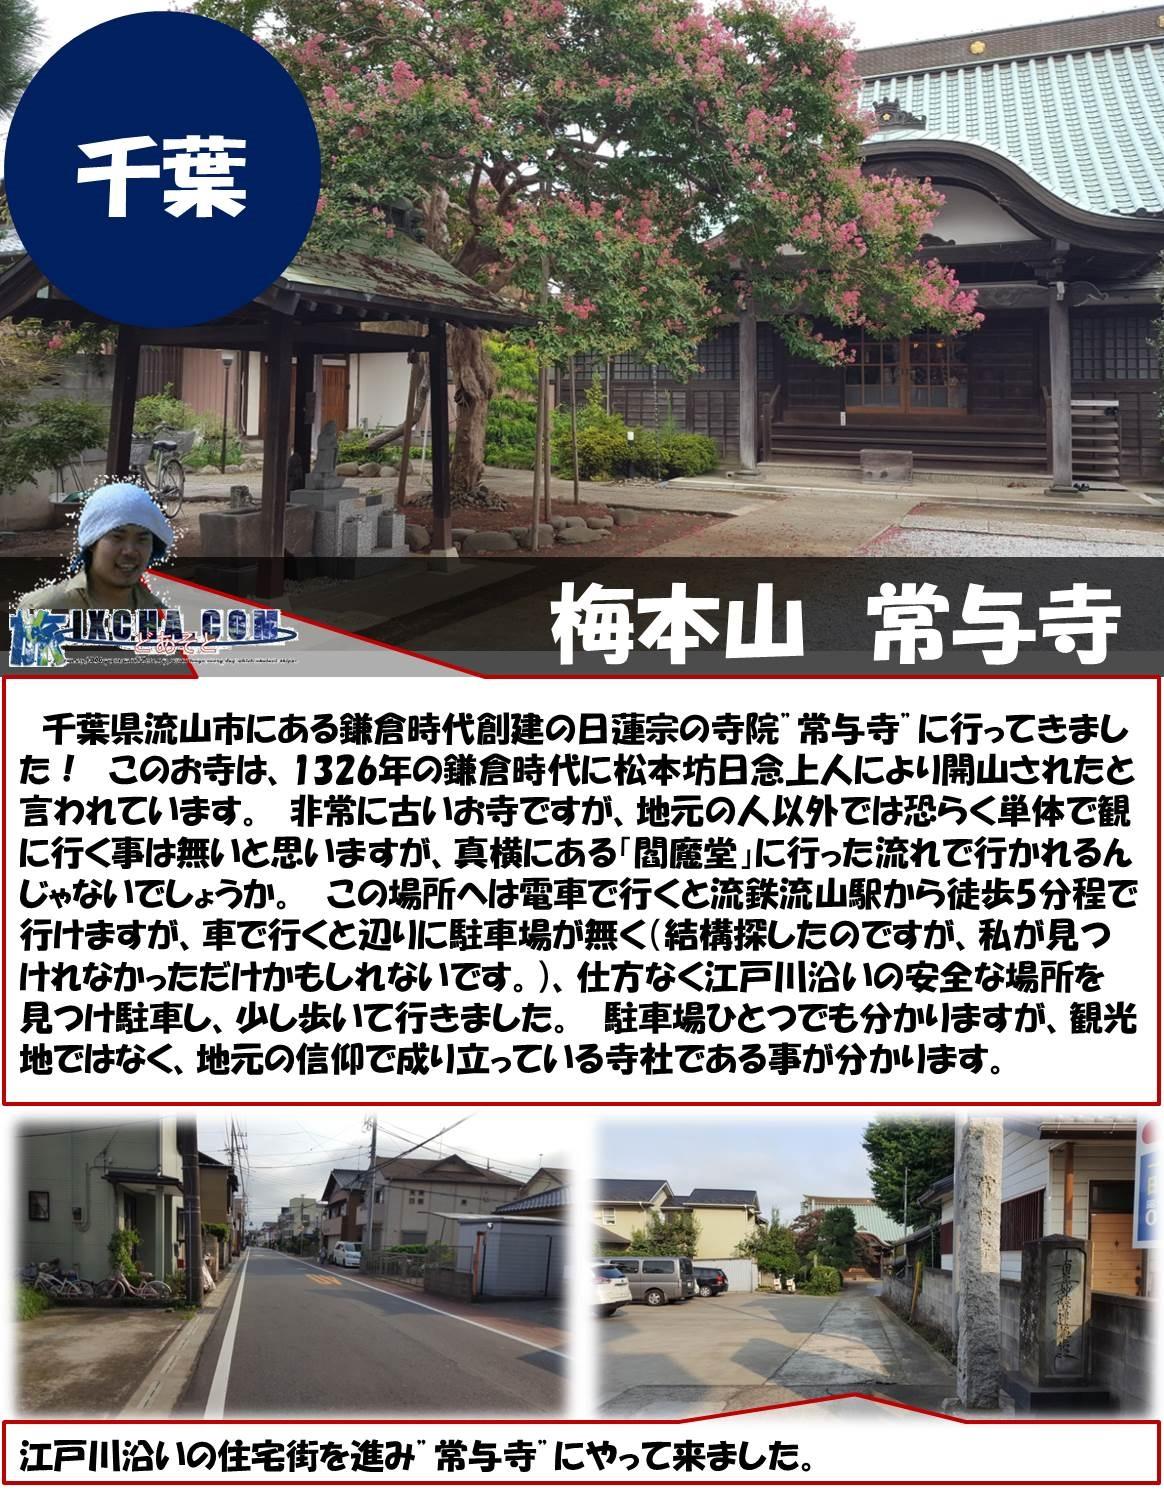 """千葉 梅本山 常与寺  千葉県流山市にある鎌倉時代創建の日蓮宗の寺院""""常与寺""""に行ってきました! このお寺は、1326年の鎌倉時代に松本坊日念上人により開山されたと言われています。 非常に古いお寺ですが、地元の人以外では恐らく単体で観に行く事は無いと思いますが、真横にある「閻魔堂」に行った流れで行かれるんじゃないでしょうか。 この場所へは電車で行くと流鉄流山駅から徒歩5分程で行けますが、車で行くと辺りに駐車場が無く(結構探したのですが、私が見つけれなかっただけかもしれないです。)、仕方なく江戸川沿いの安全な場所を見つけ駐車し、少し歩いて行きました。 駐車場ひとつでも分かりますが、観光地ではなく、地元の信仰で成り立っている寺社である事が分かります。 江戸川沿いの住宅街を進み""""常与寺""""にやって来ました。"""